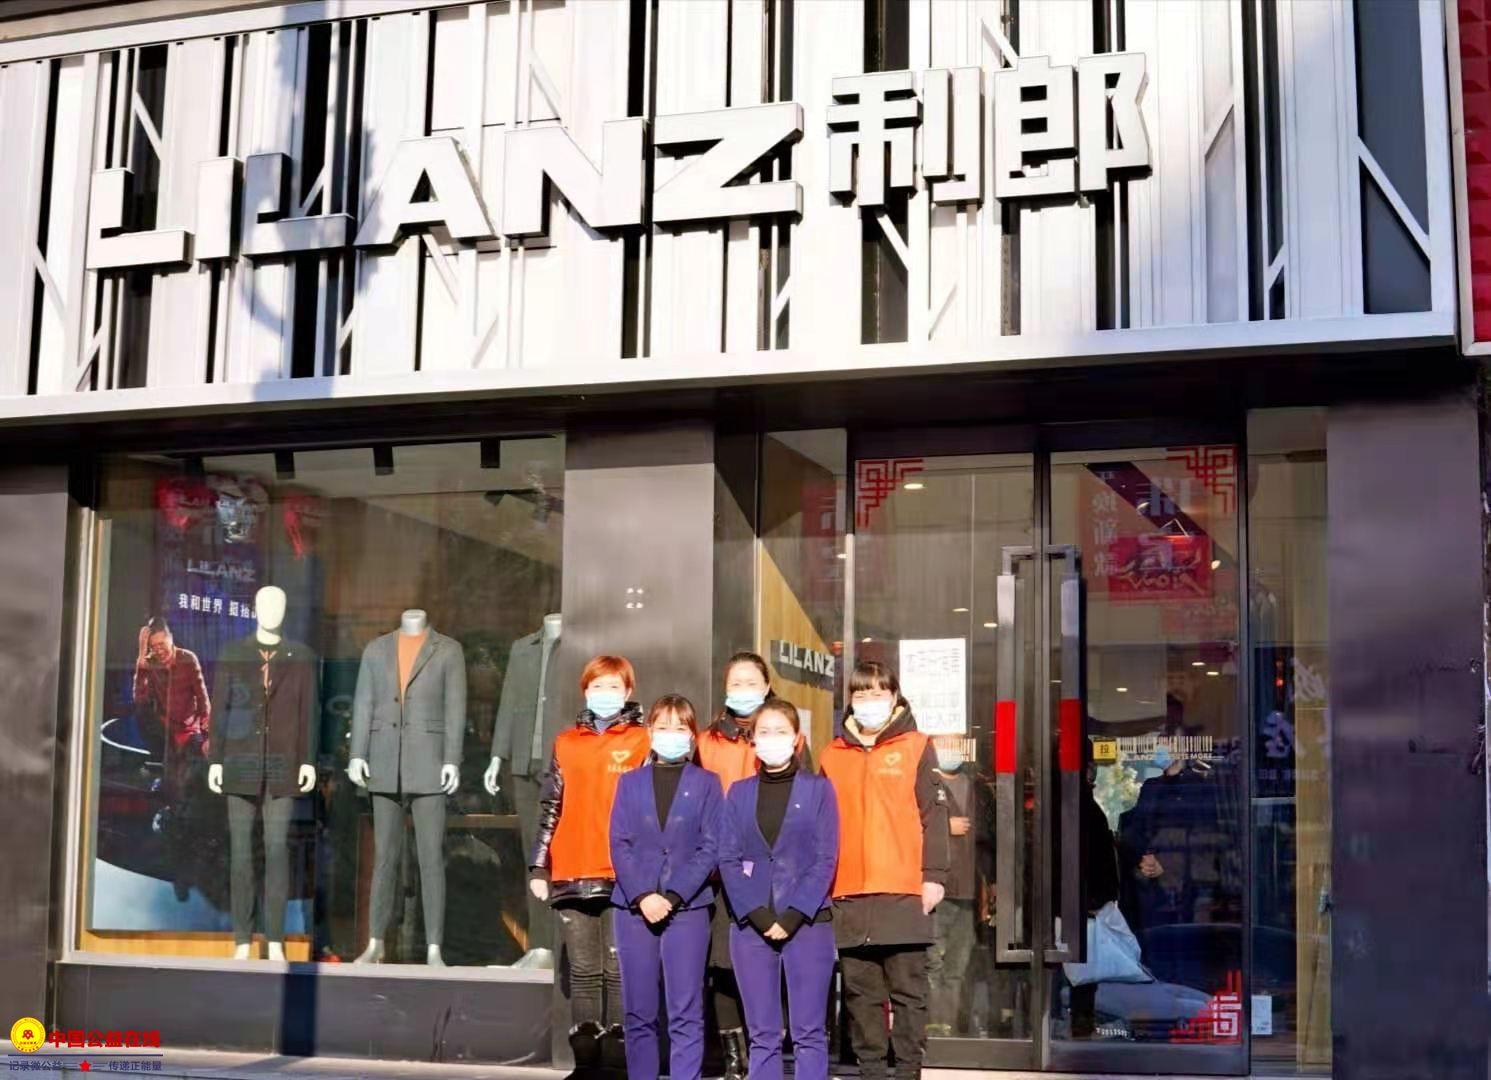 克东县志愿者协会爱心企业为疫情防控一线志愿者奉献爱心